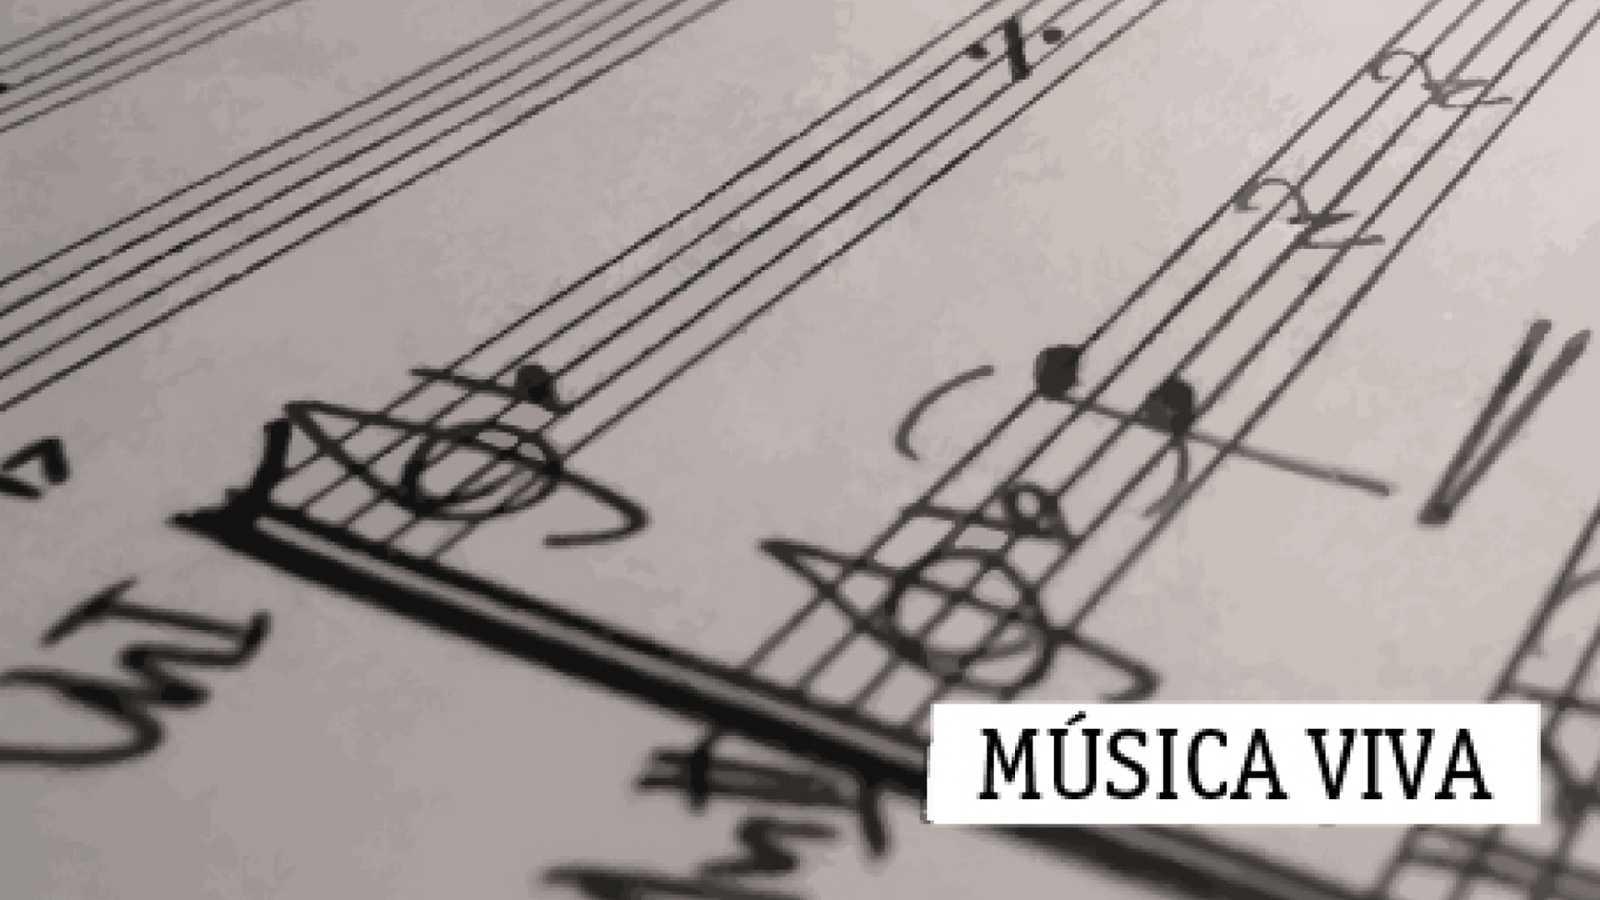 Música viva - Entrevista con Inés Badalo - 08/03/20 - escuchar ahora